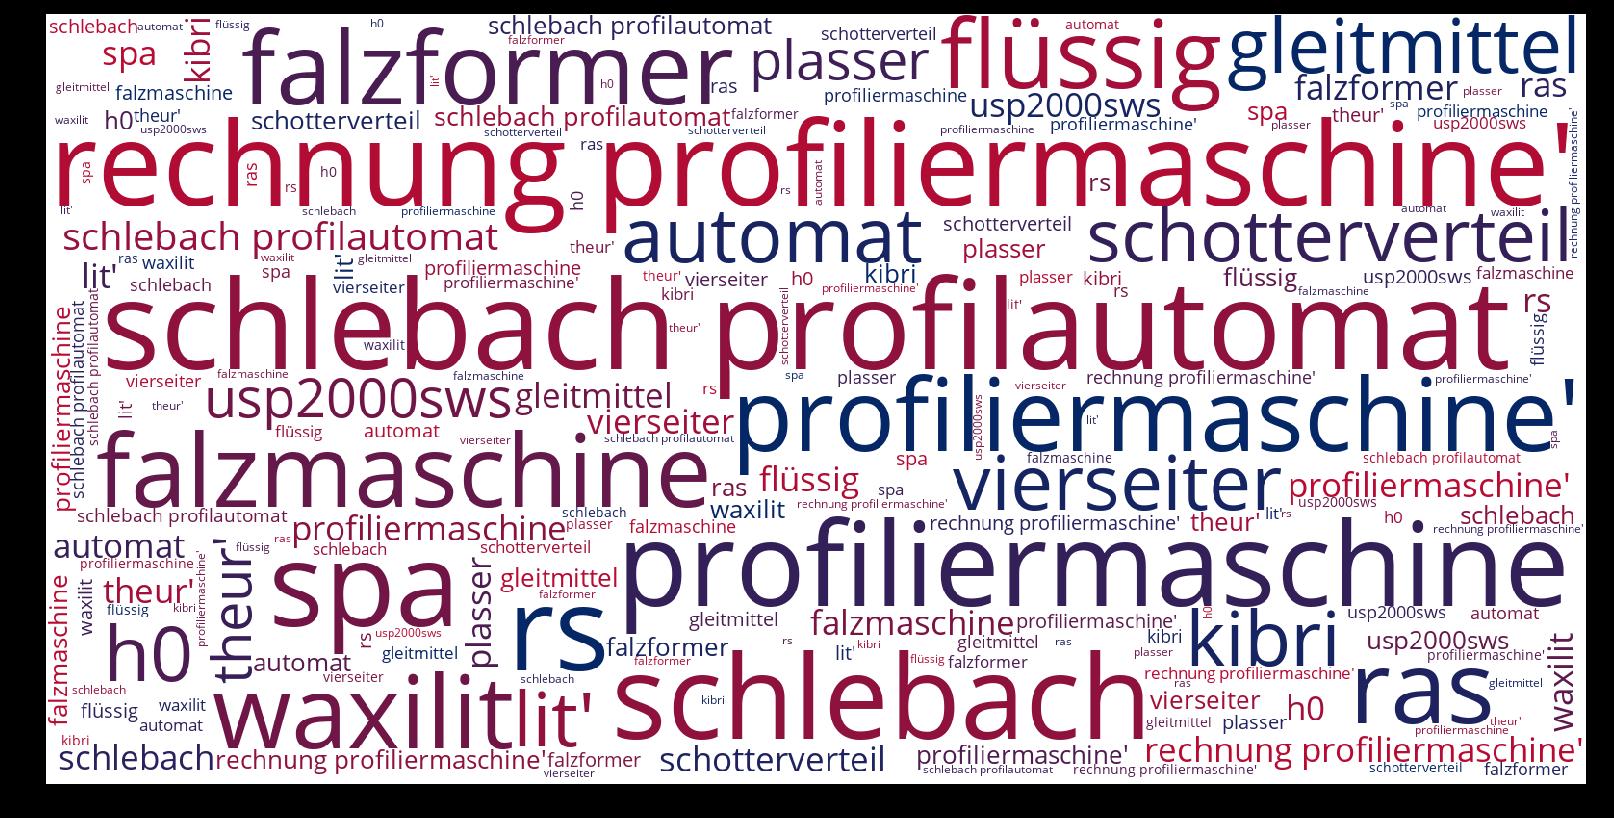 Profiliermaschine-wordcloud